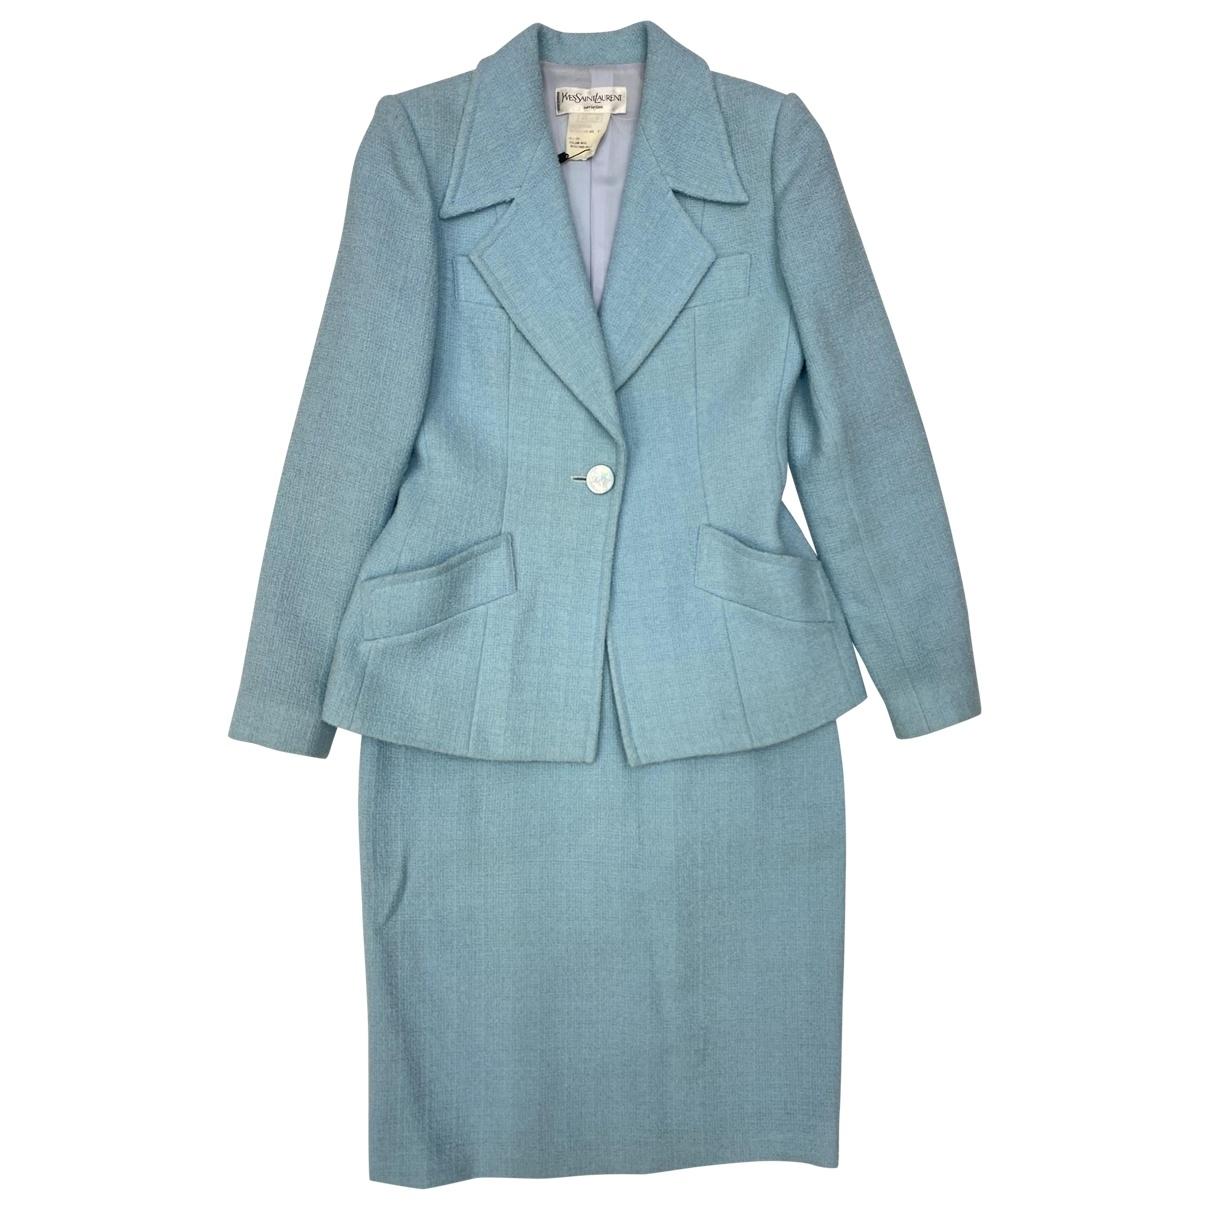 Yves Saint Laurent \N Kleid in  Blau Wolle